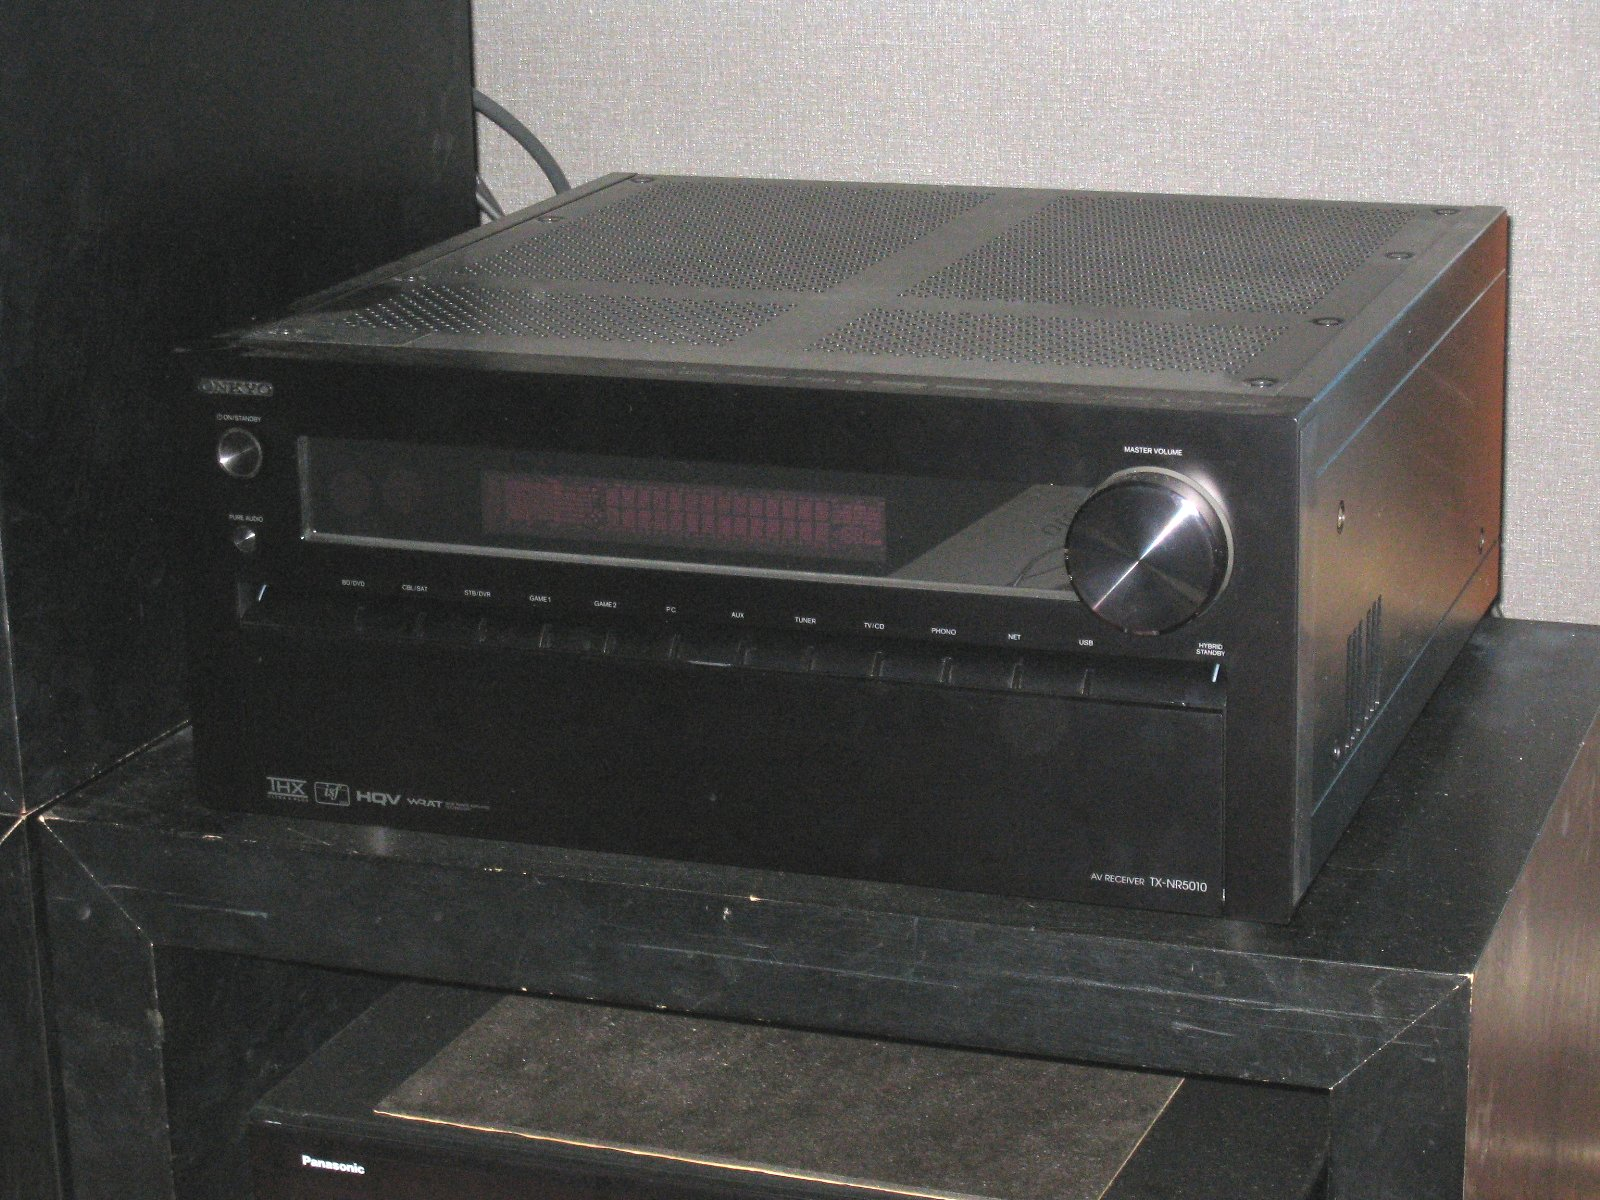 TX-NR5010